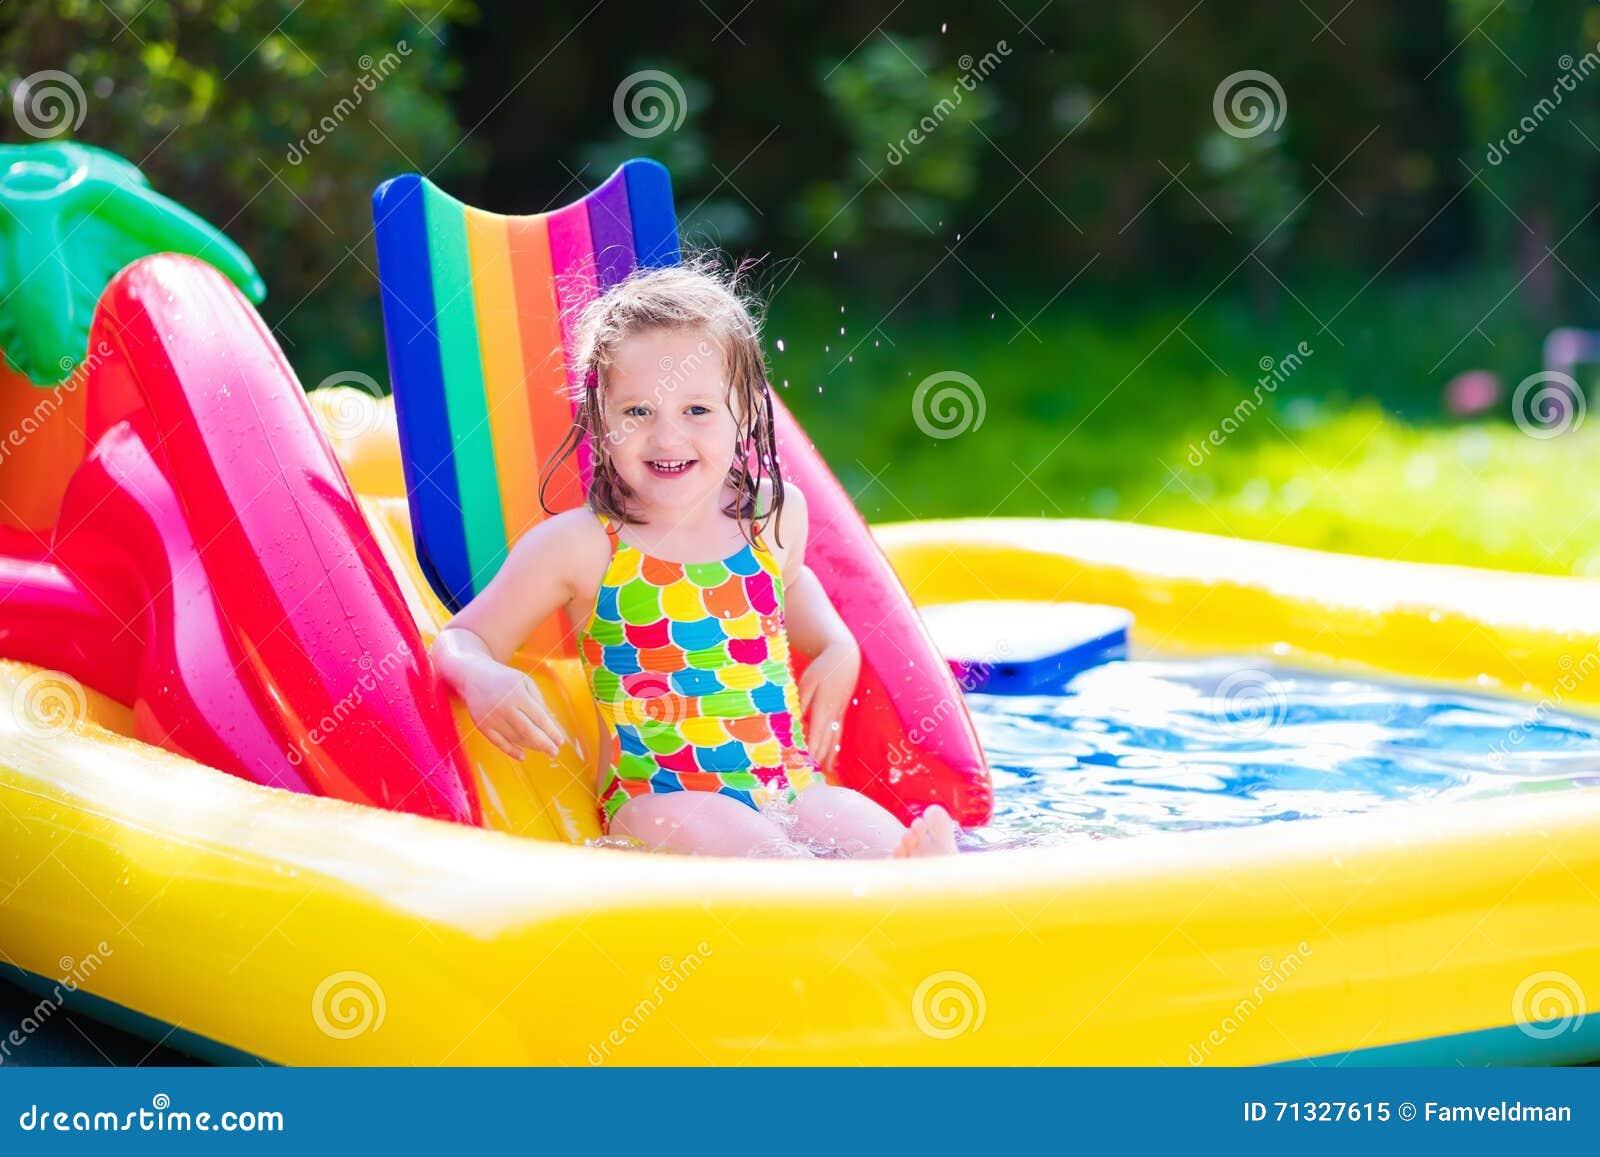 photo stock petite fille jouant dans la piscine gonflable de jardin image